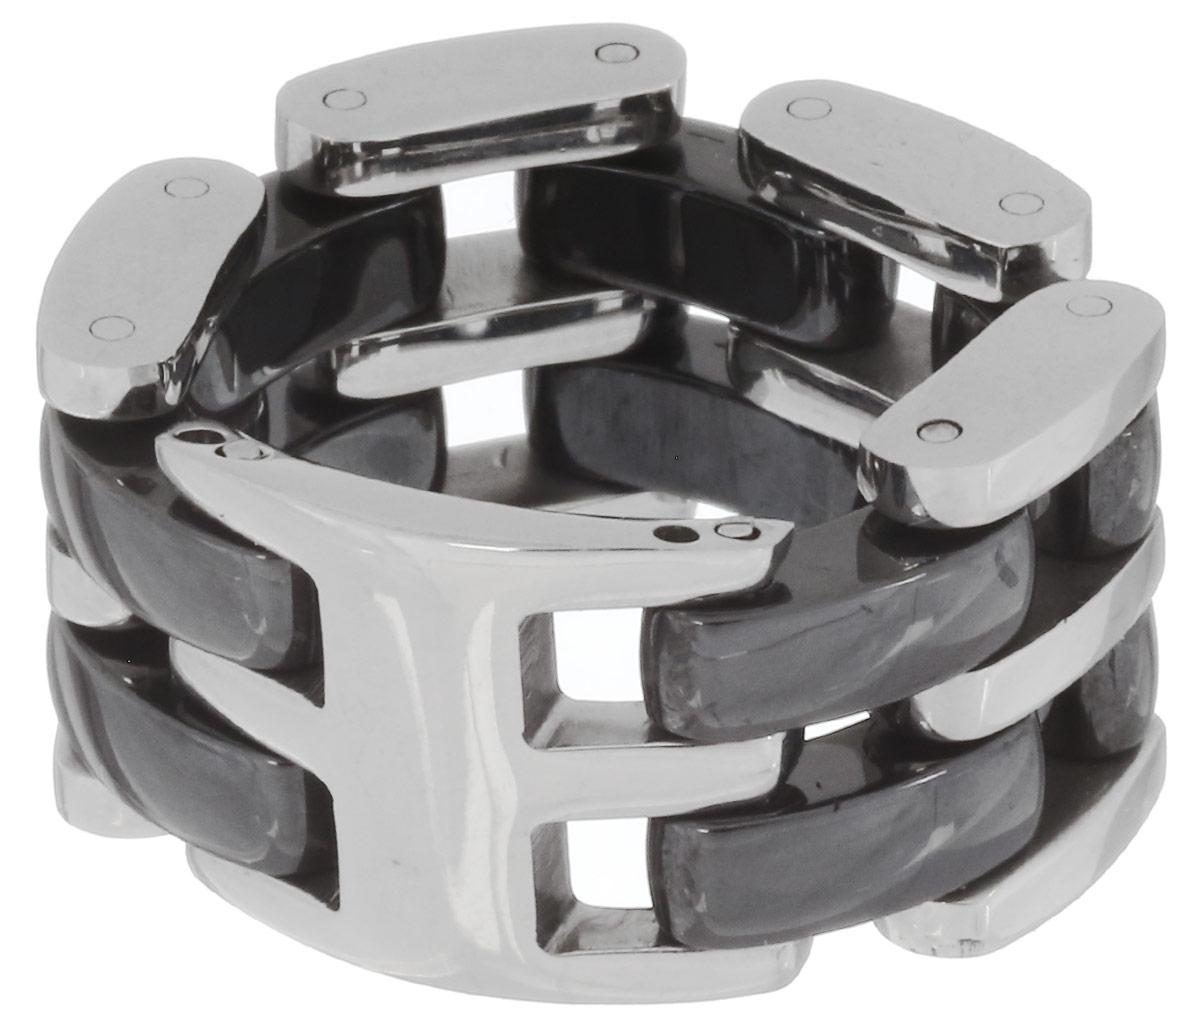 Кольцо Art-Silver, цвет: серебристый, черный. QD39B-783. Размер 17QD39B-783Стильное шарнирное кольцо Art-Silver изготовлено из керамики и стали. Модель оформлена оригинальным плетением. Стильное кольцо придаст вашему образу изюминку и подчеркнет индивидуальность.